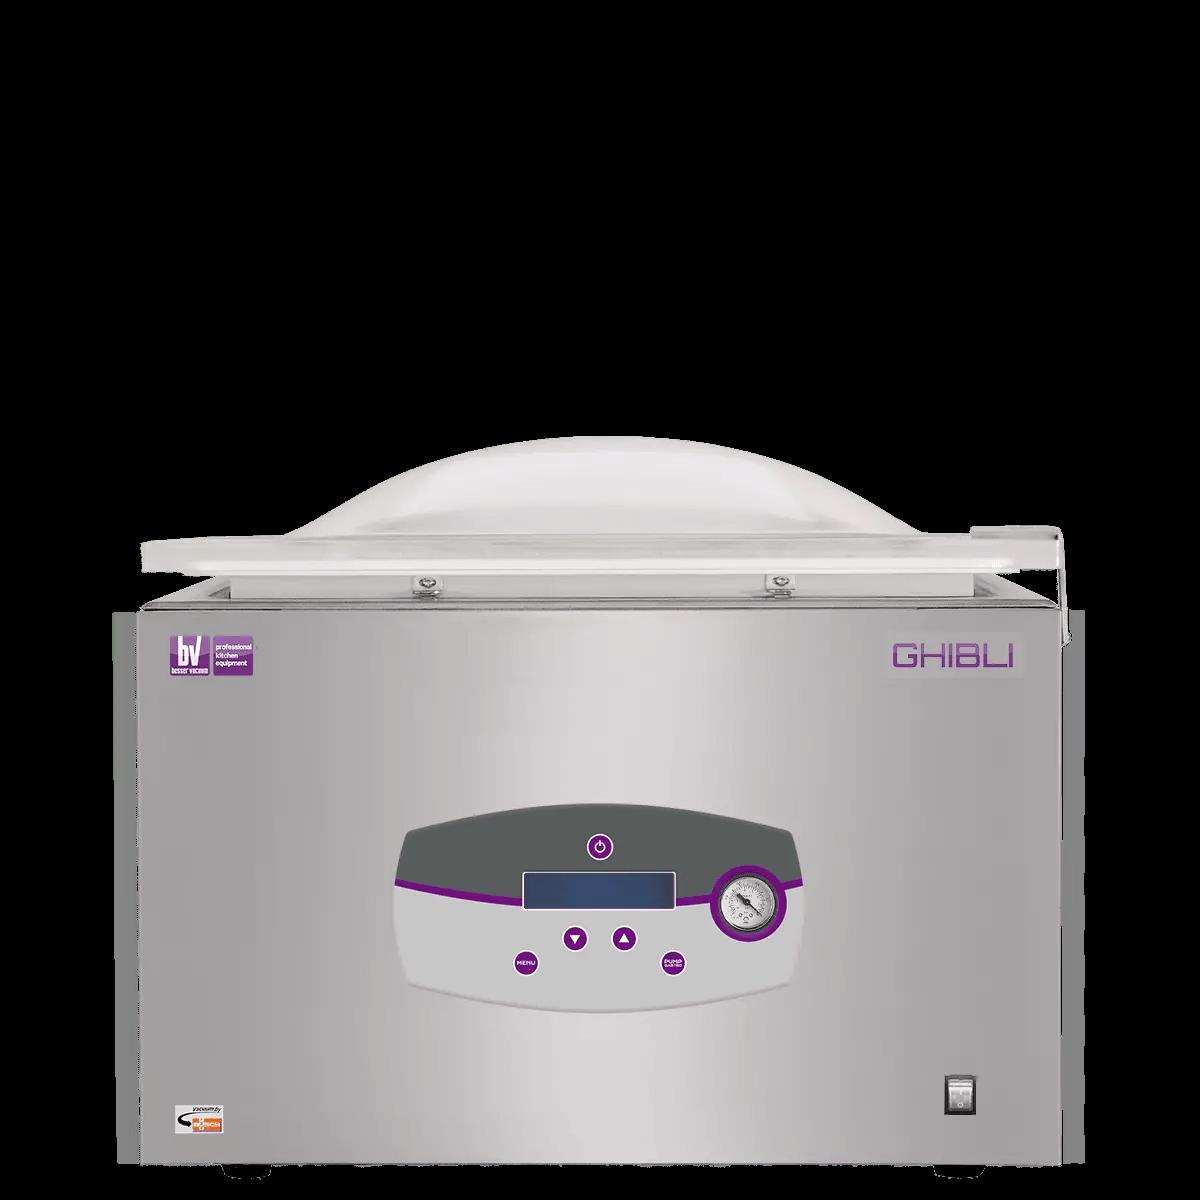 Ghibli chambered vacuum packing machine